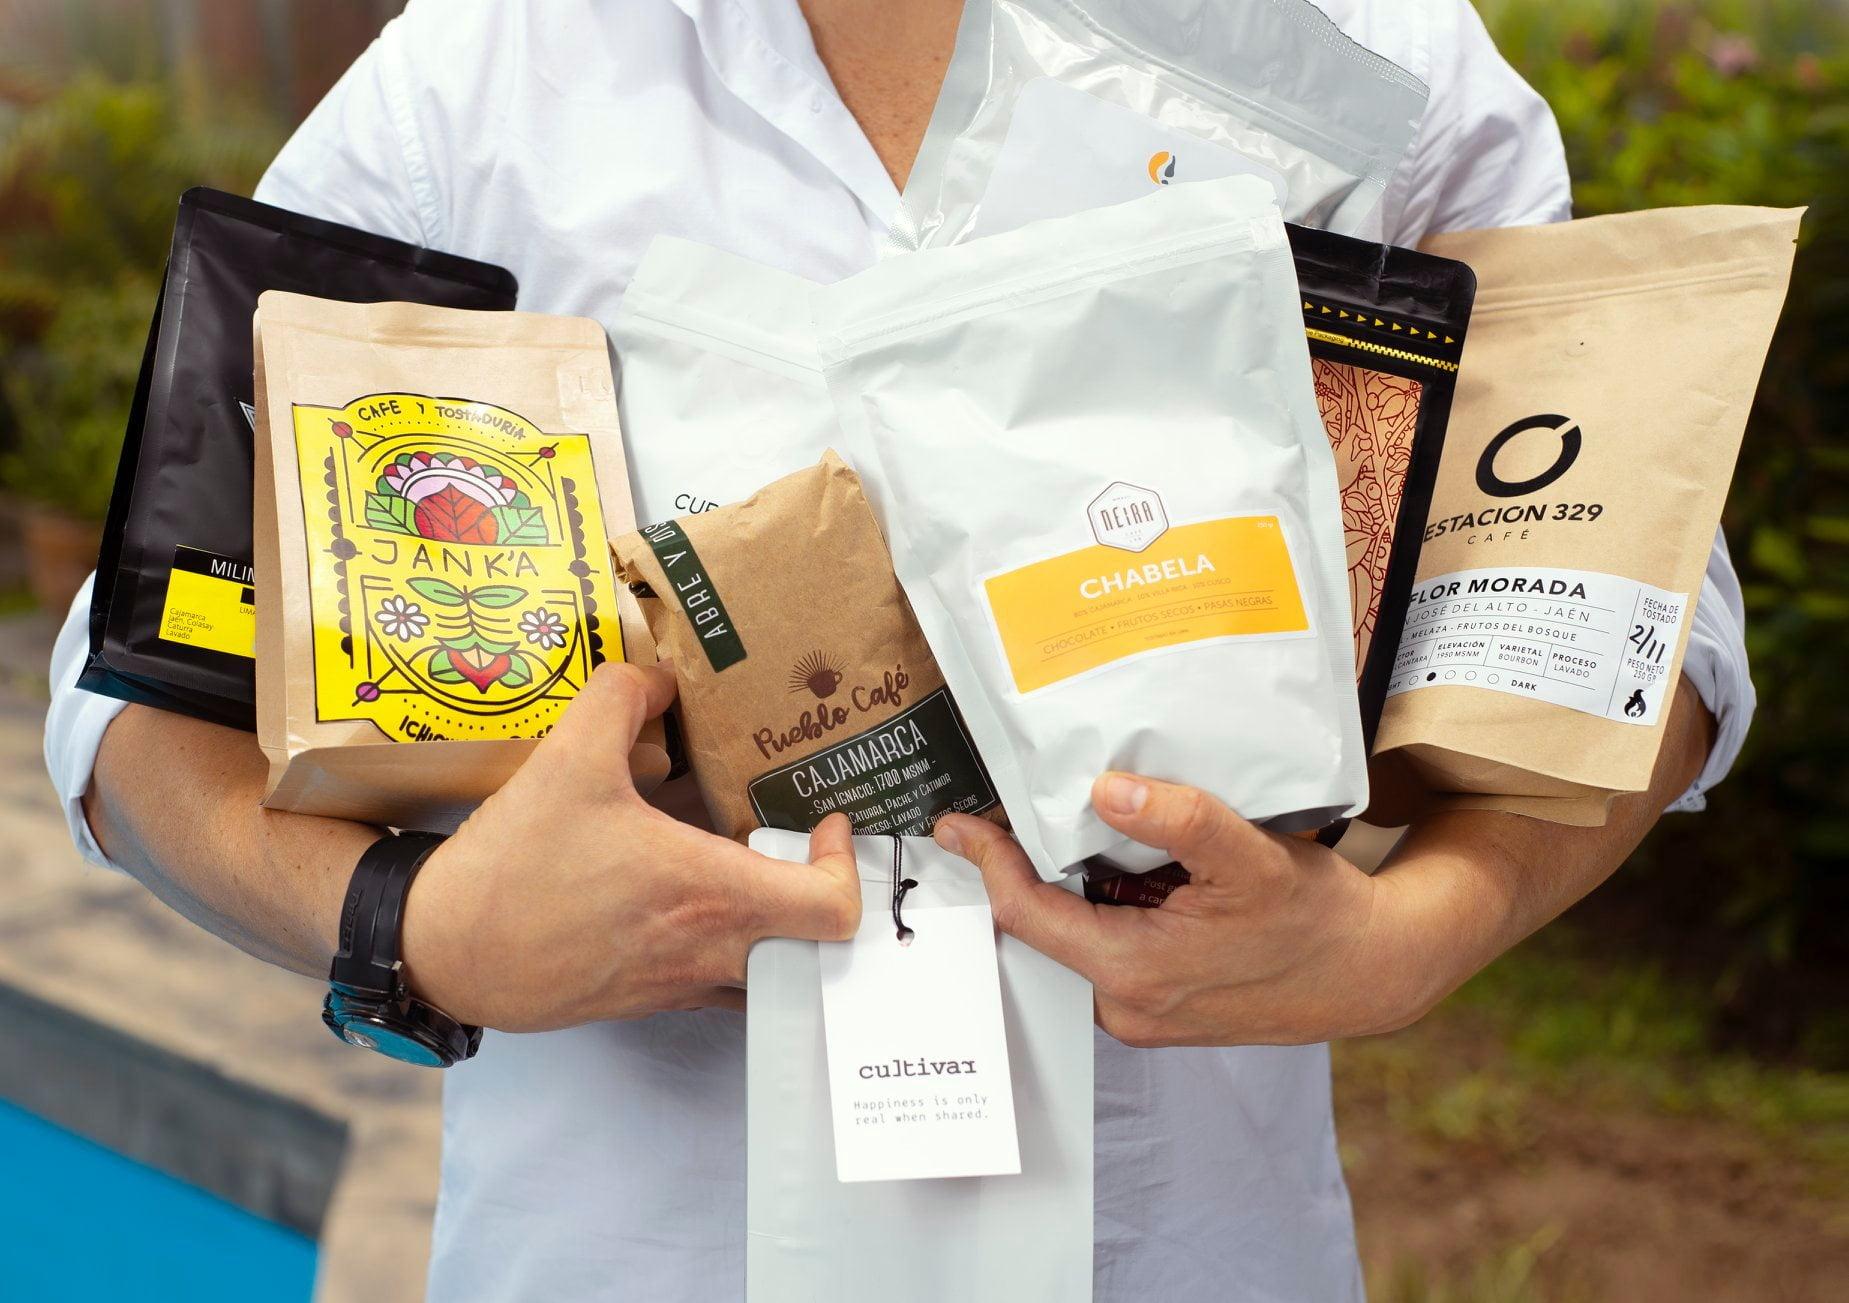 Cafeteína: café fresco en tu casa